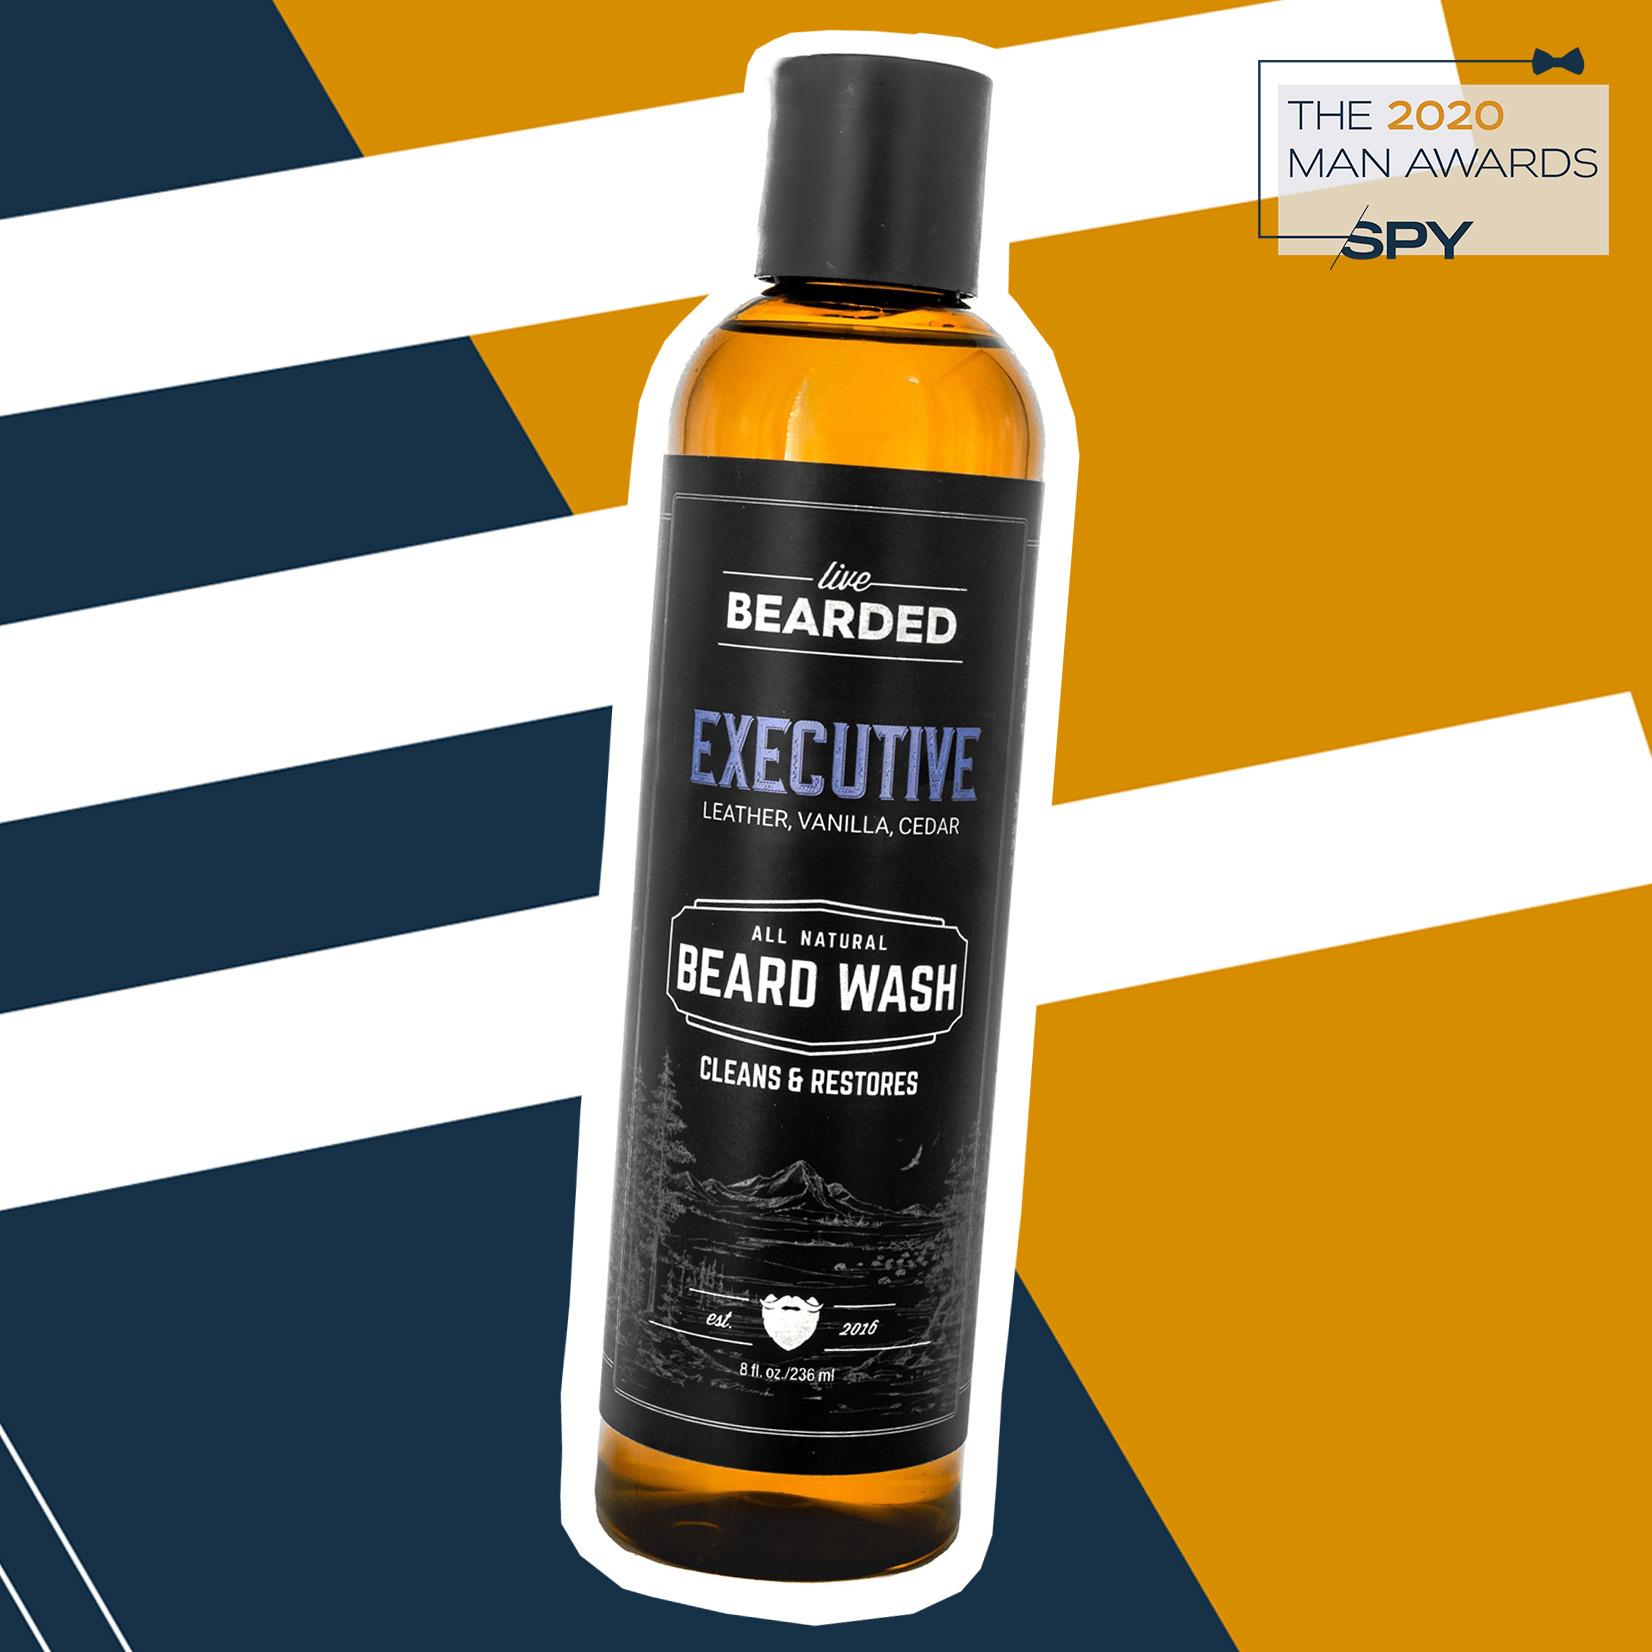 Live Bearded Beard Wash & Shampoo, best beard care products of 2020